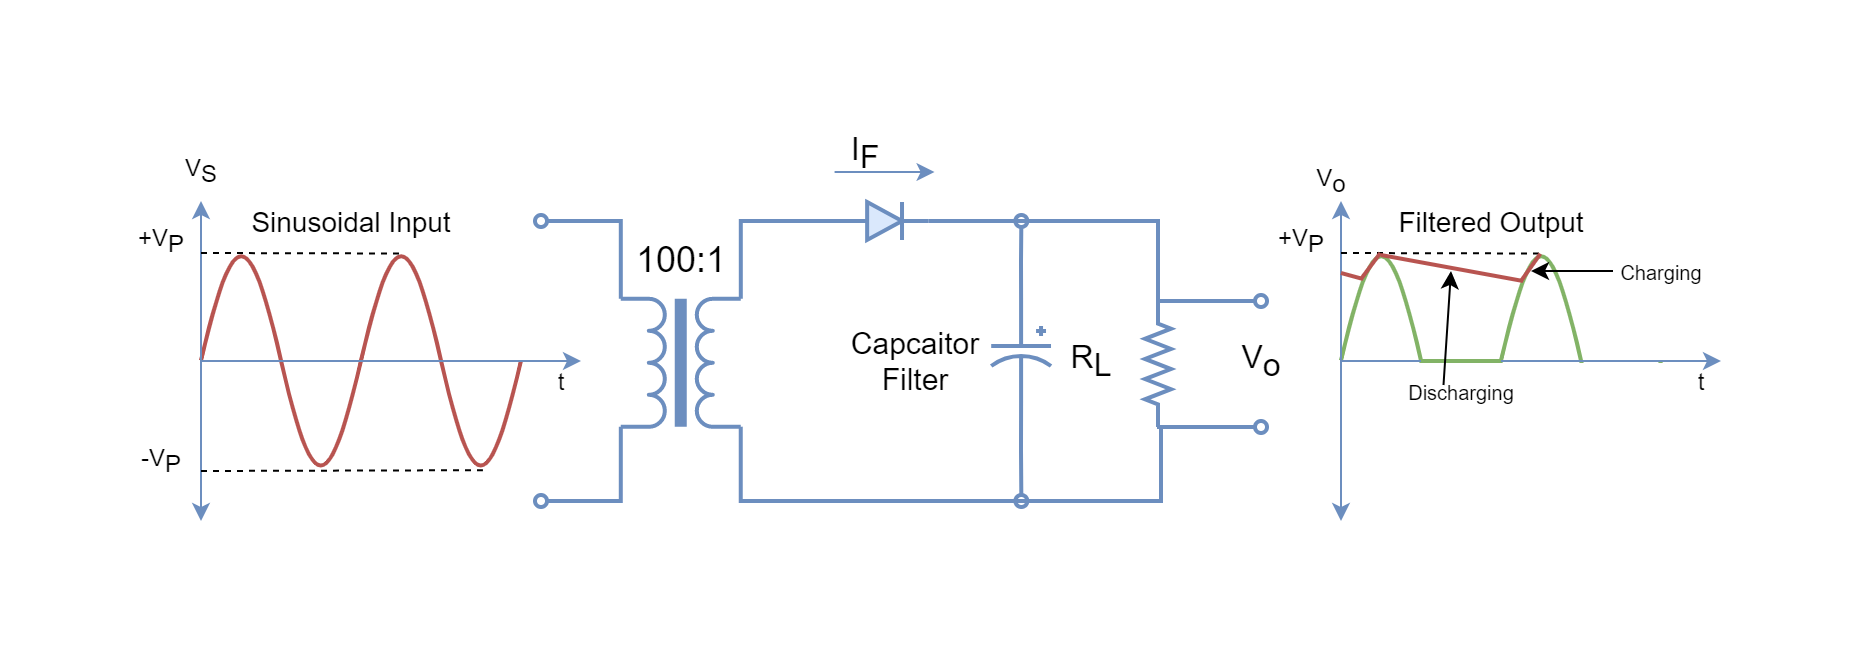 Filter Capacitor Half-Rectifier